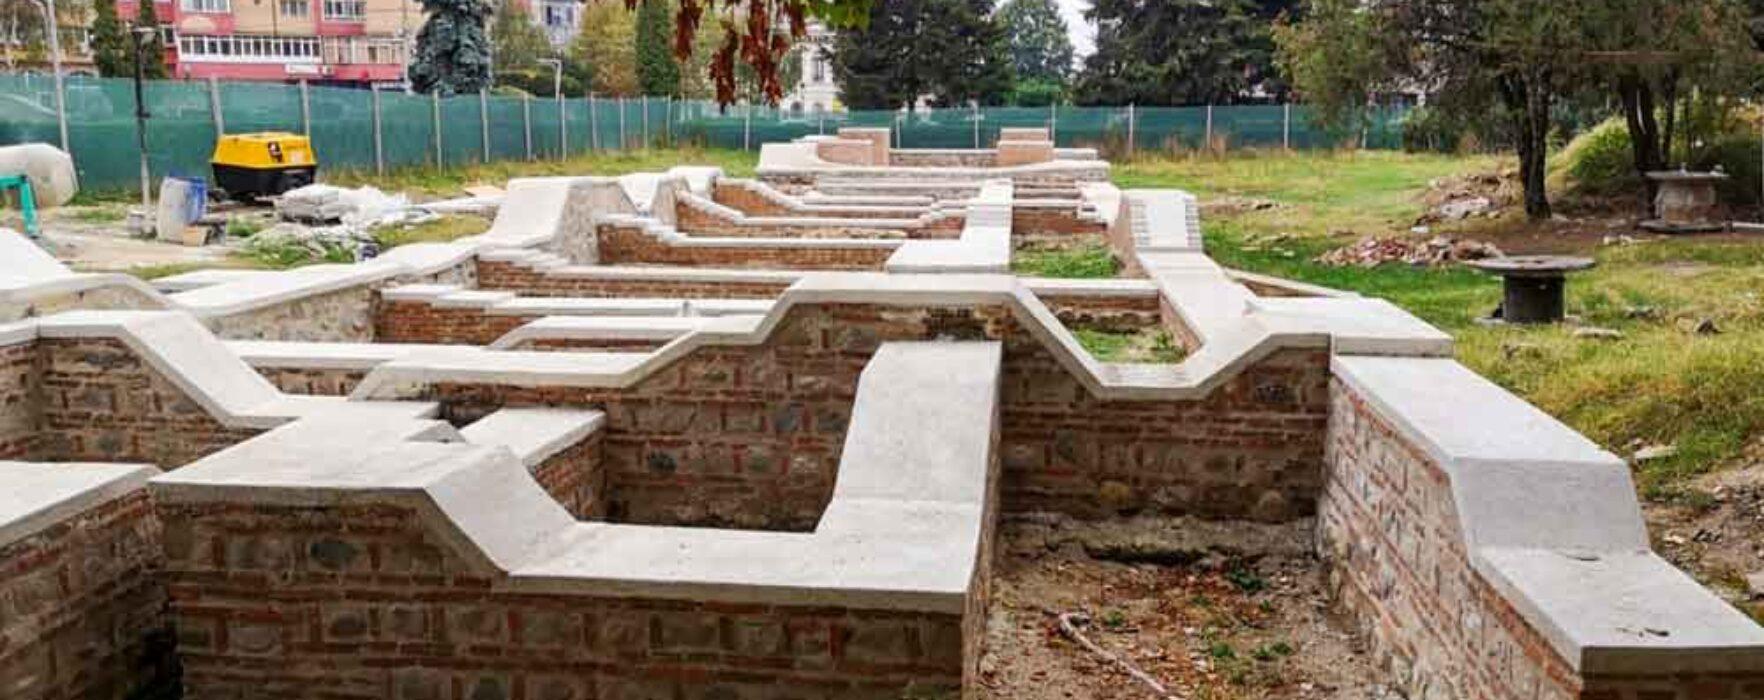 Primăria Târgovişte, precizări cu privire la restaurarea ruinelor din Parcul Mitropoliei